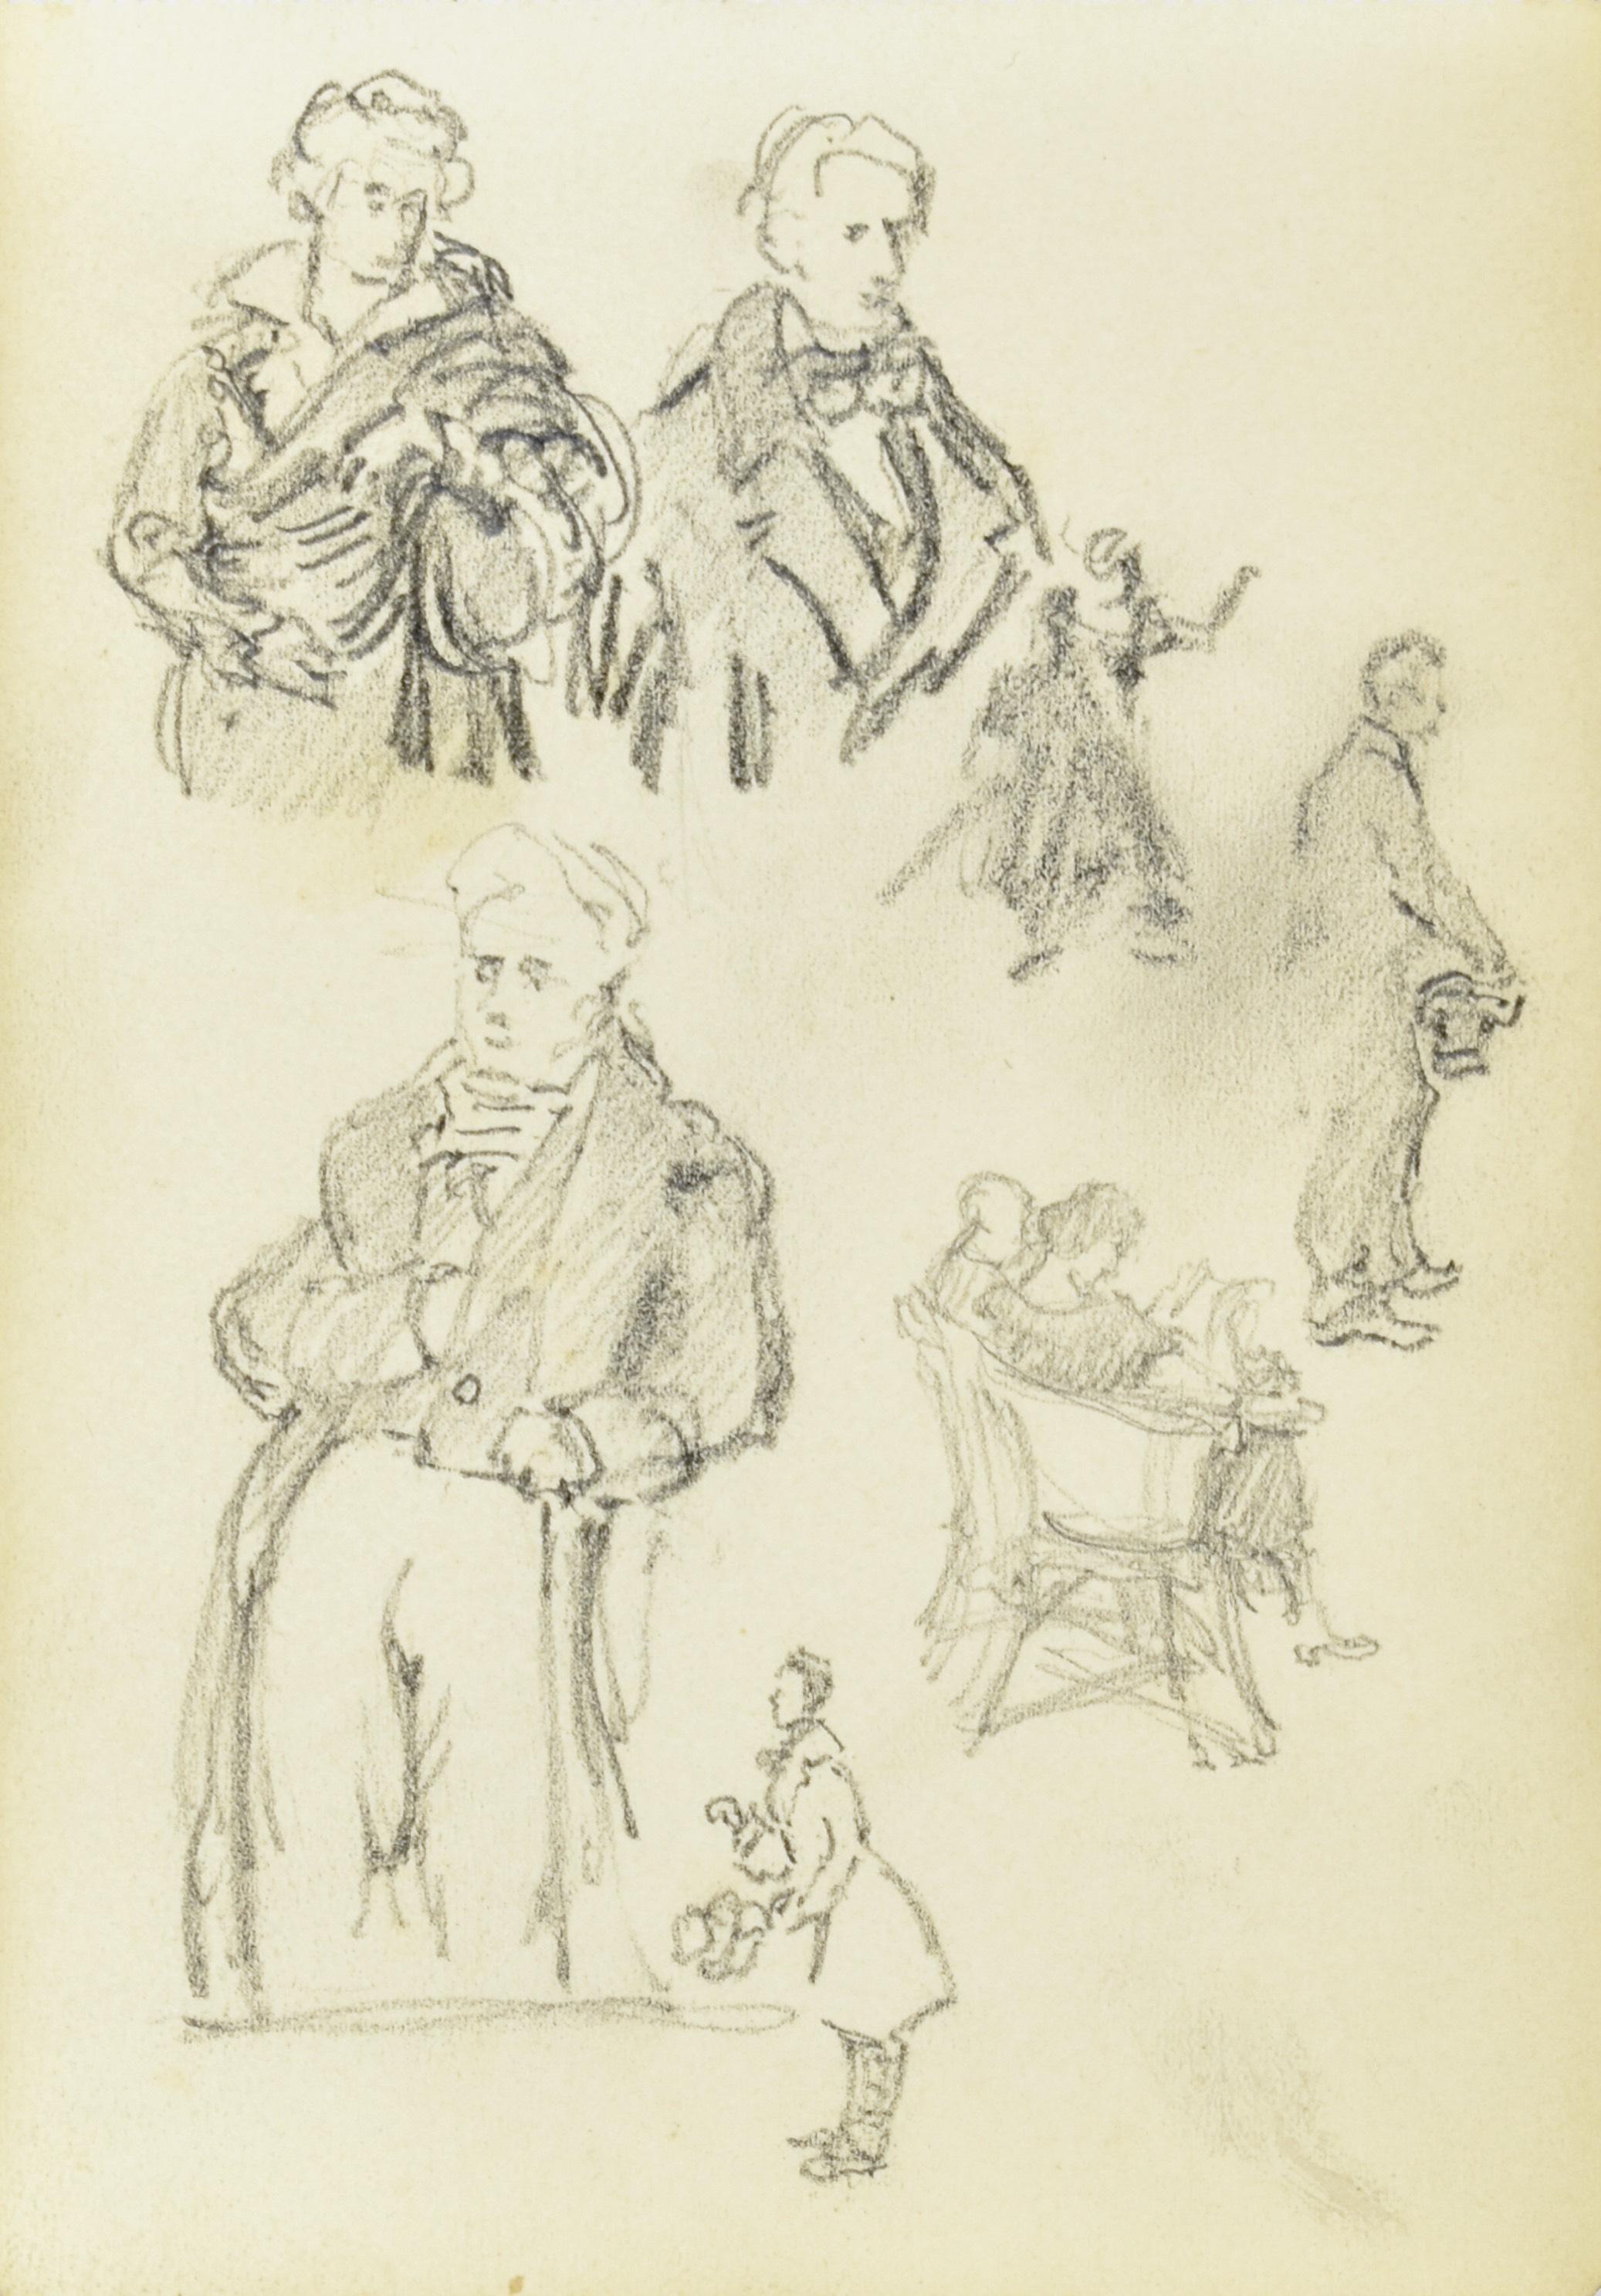 Szkice portretowe i szkice postaci